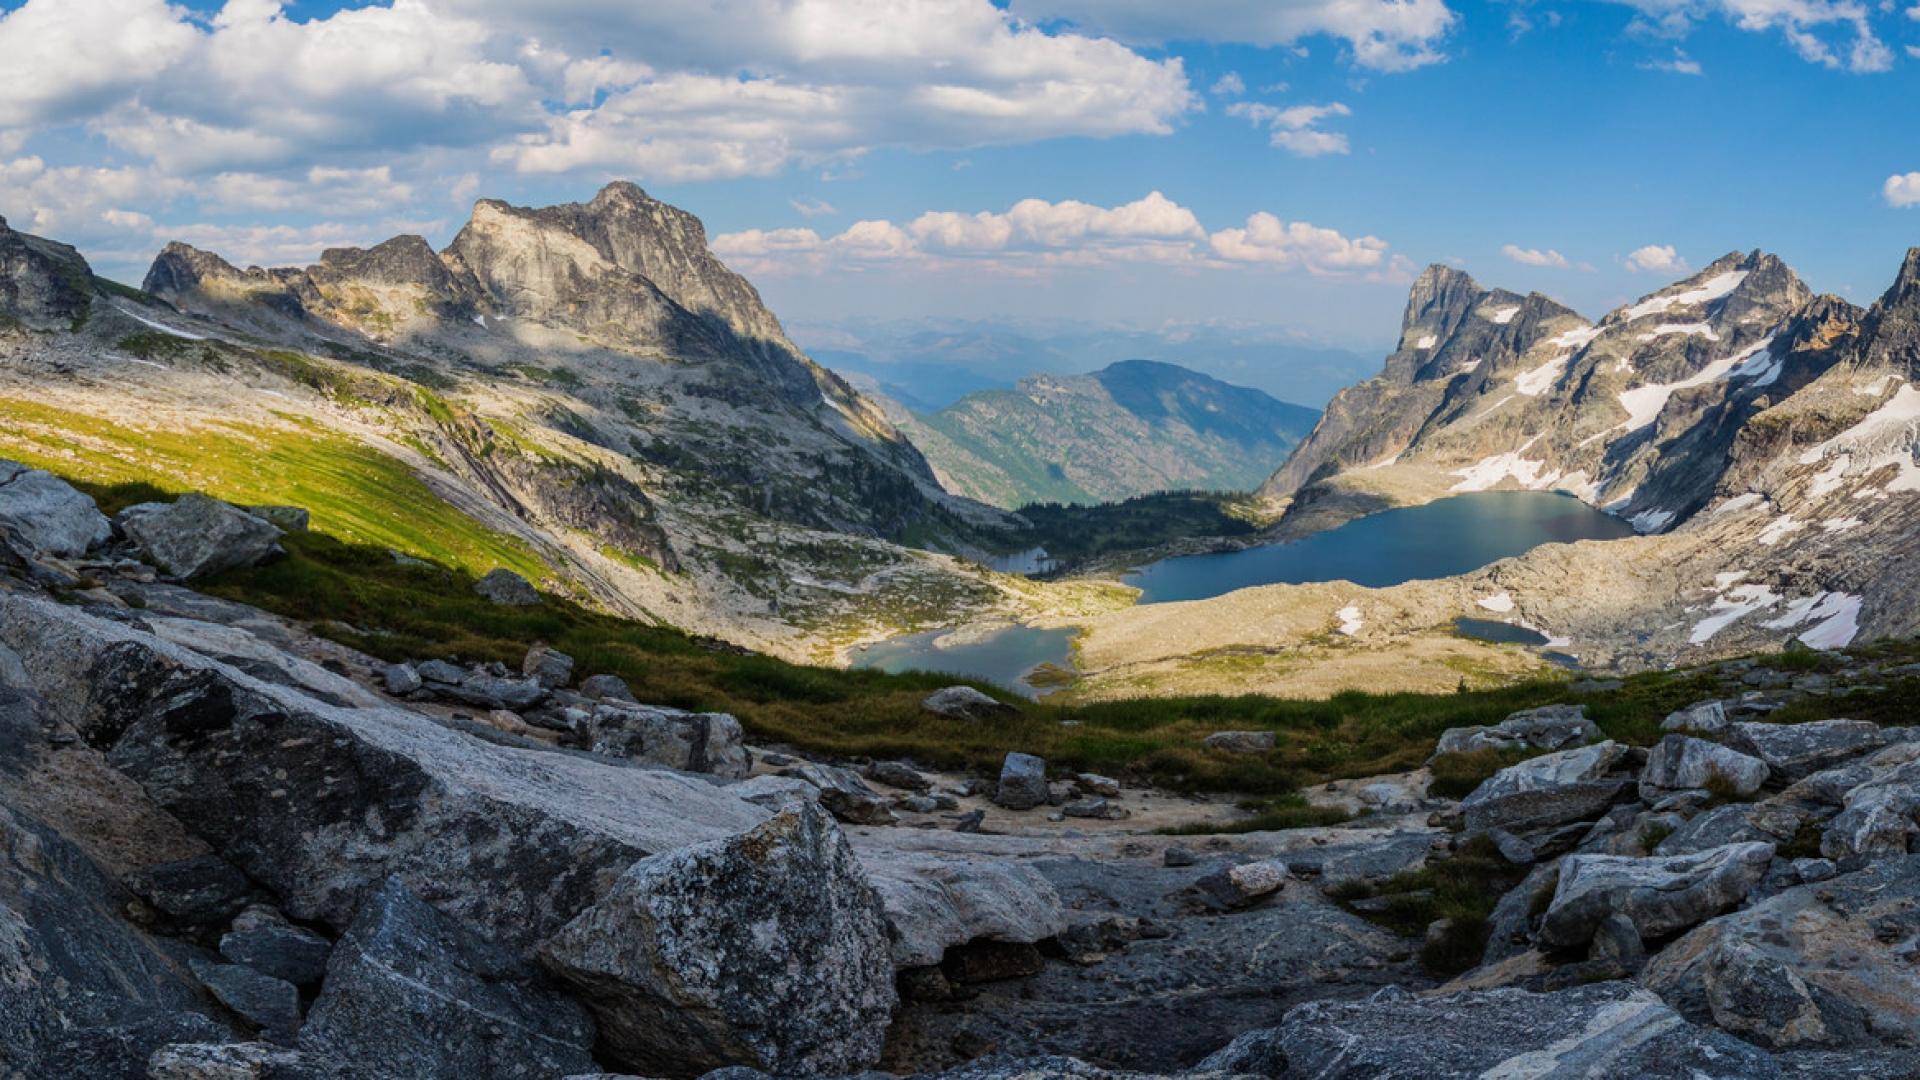 Panorámica de Montañas y lagos - 1920x1080